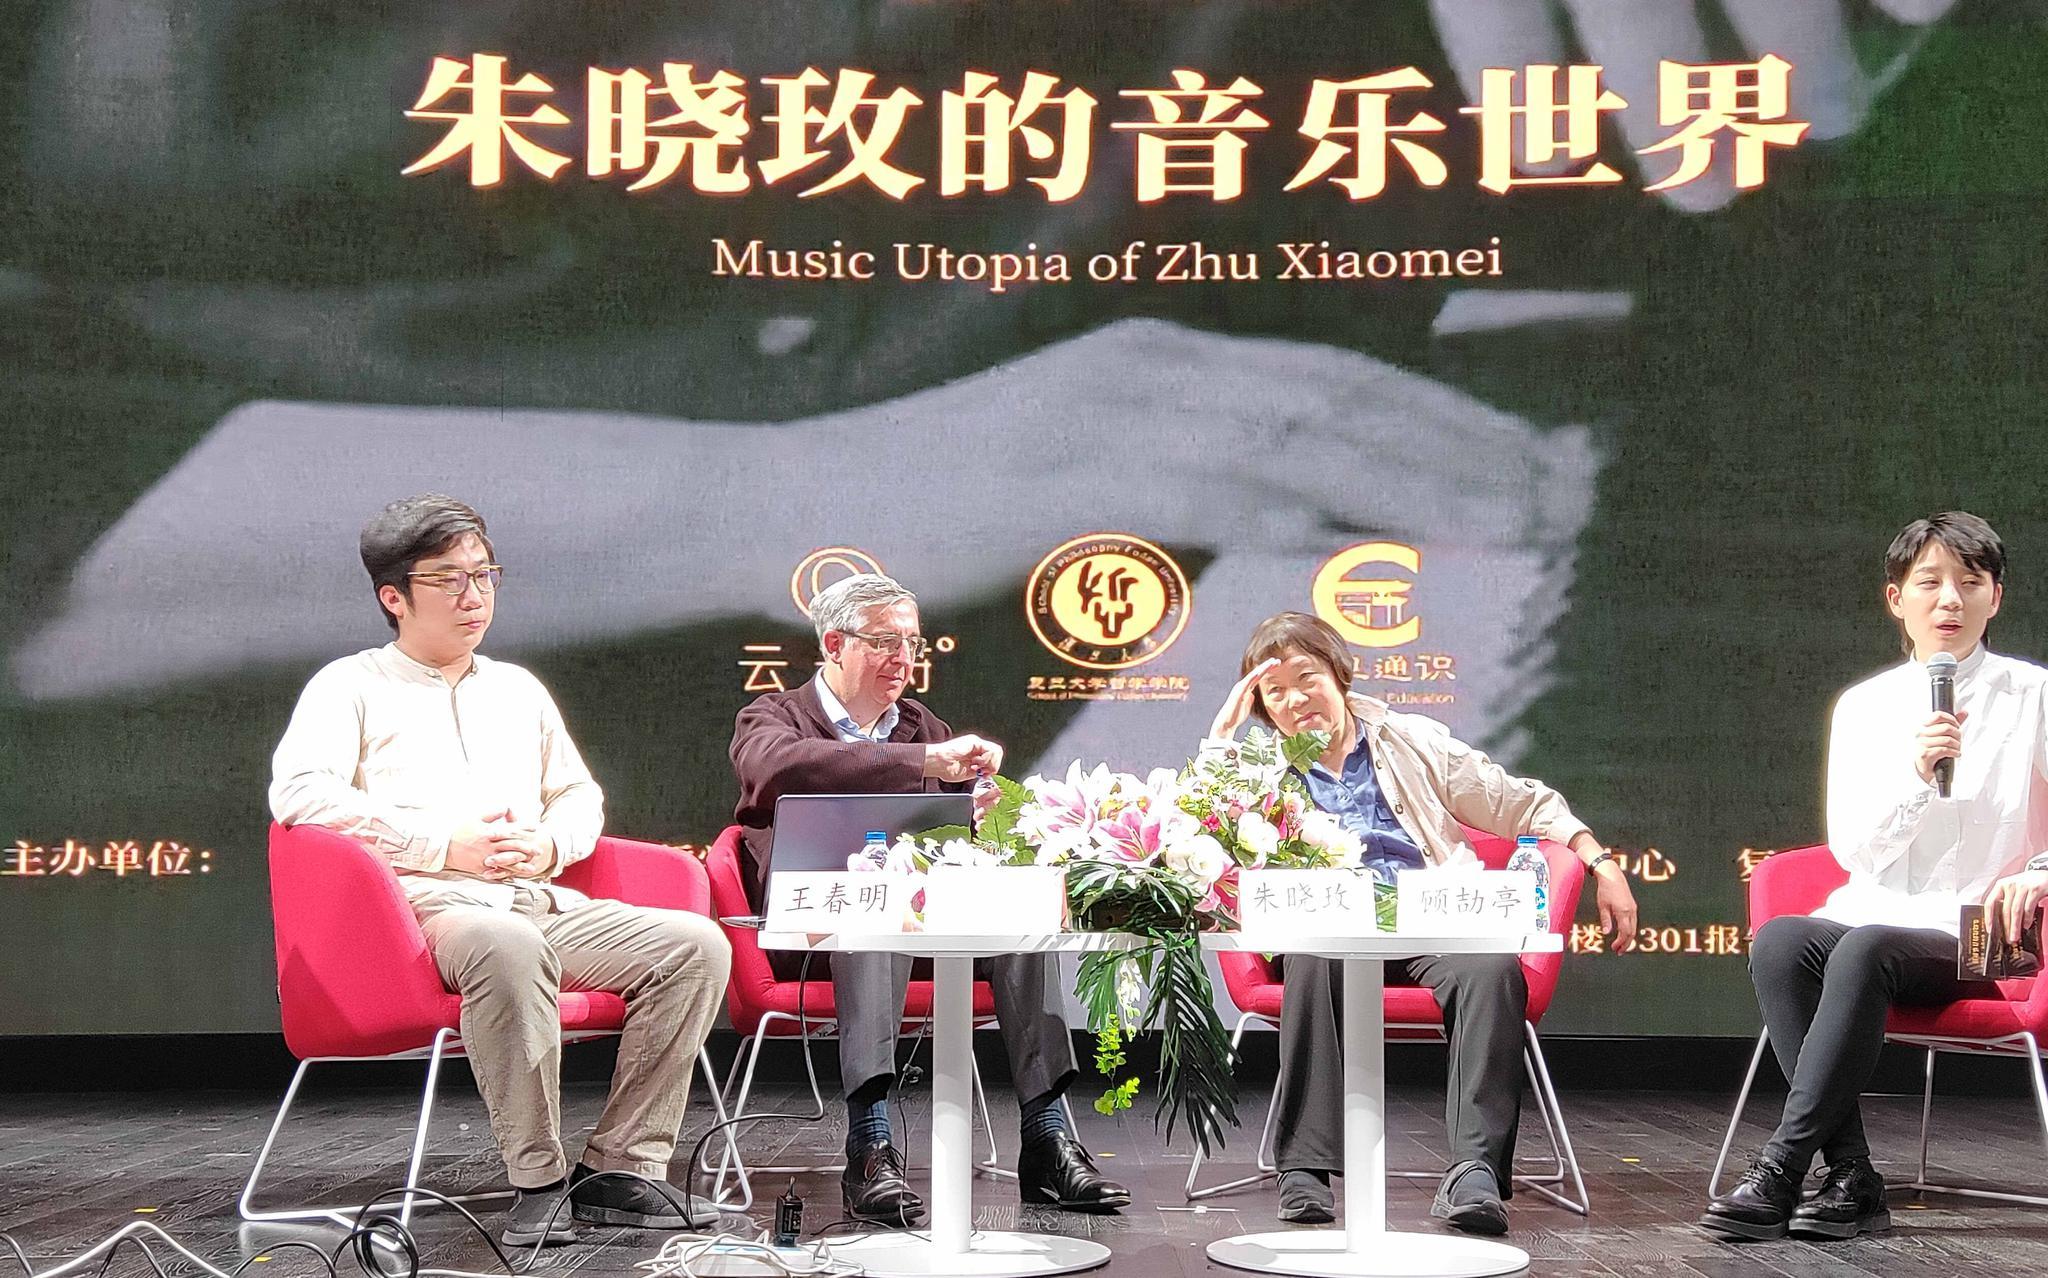 获法国勋章的华人女钢琴家朱晓玫复旦开讲:很多钢琴家走捷径成功了,真让人担心对年轻人的影响